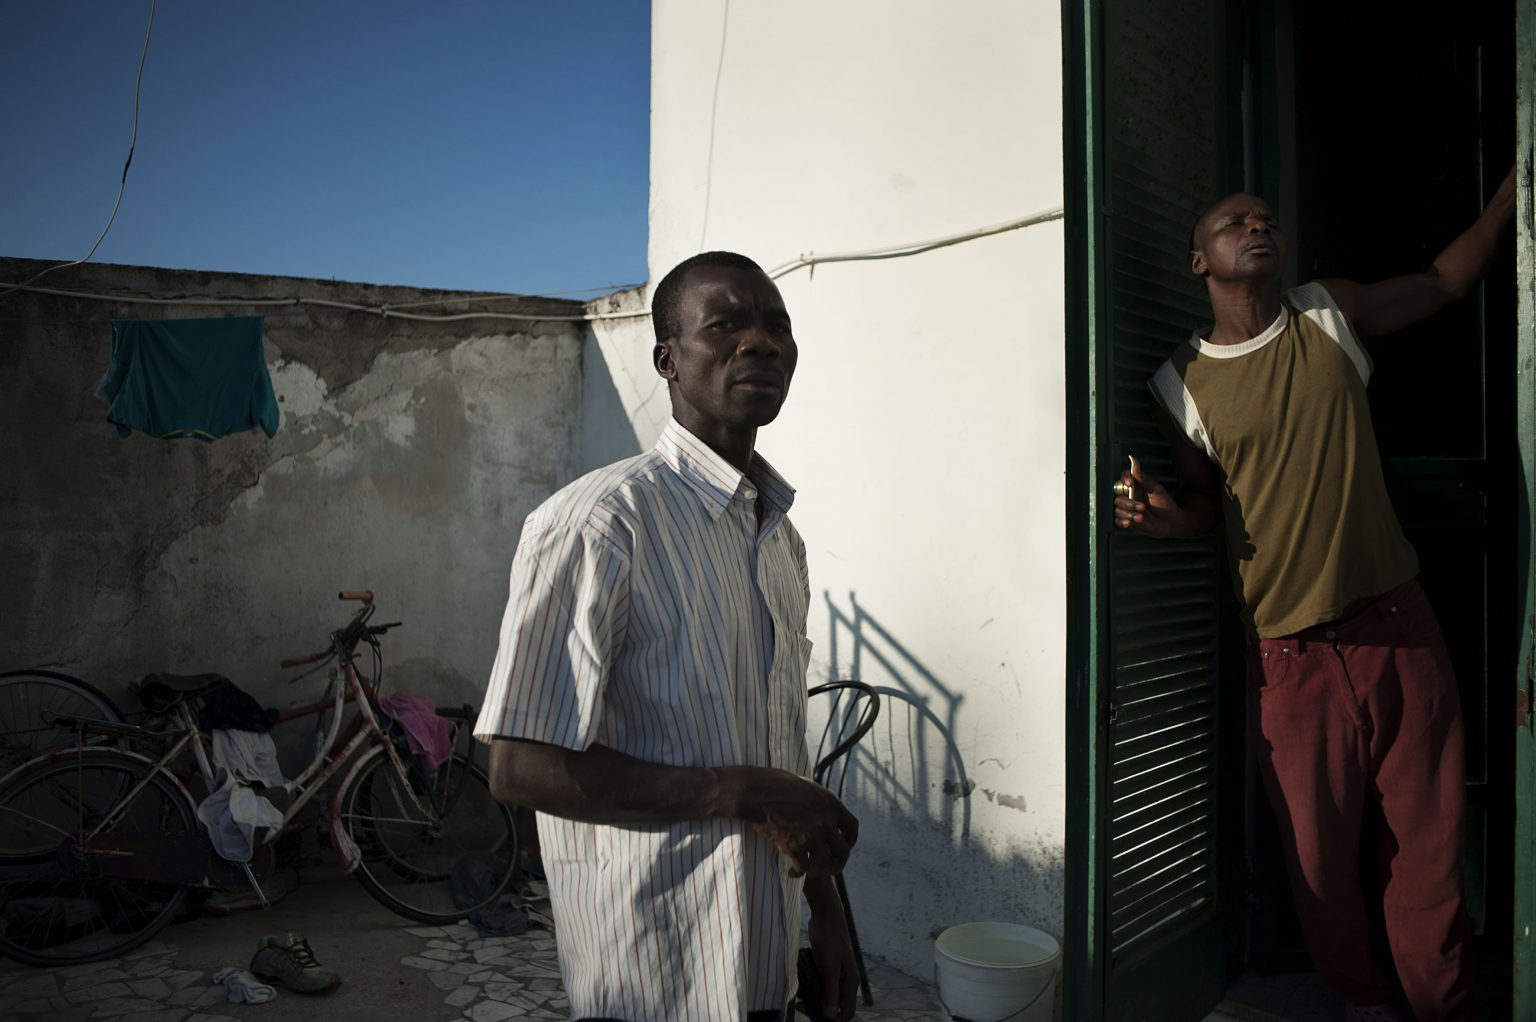 Castel Volturno (Caserta), September 2011 - Nigerian immigrants outside their home ><  Castel Volturno (Caserta), settembre 2011 - Immigrati nigeriani all'esterno della loro casa  *** Local Caption *** 00460692